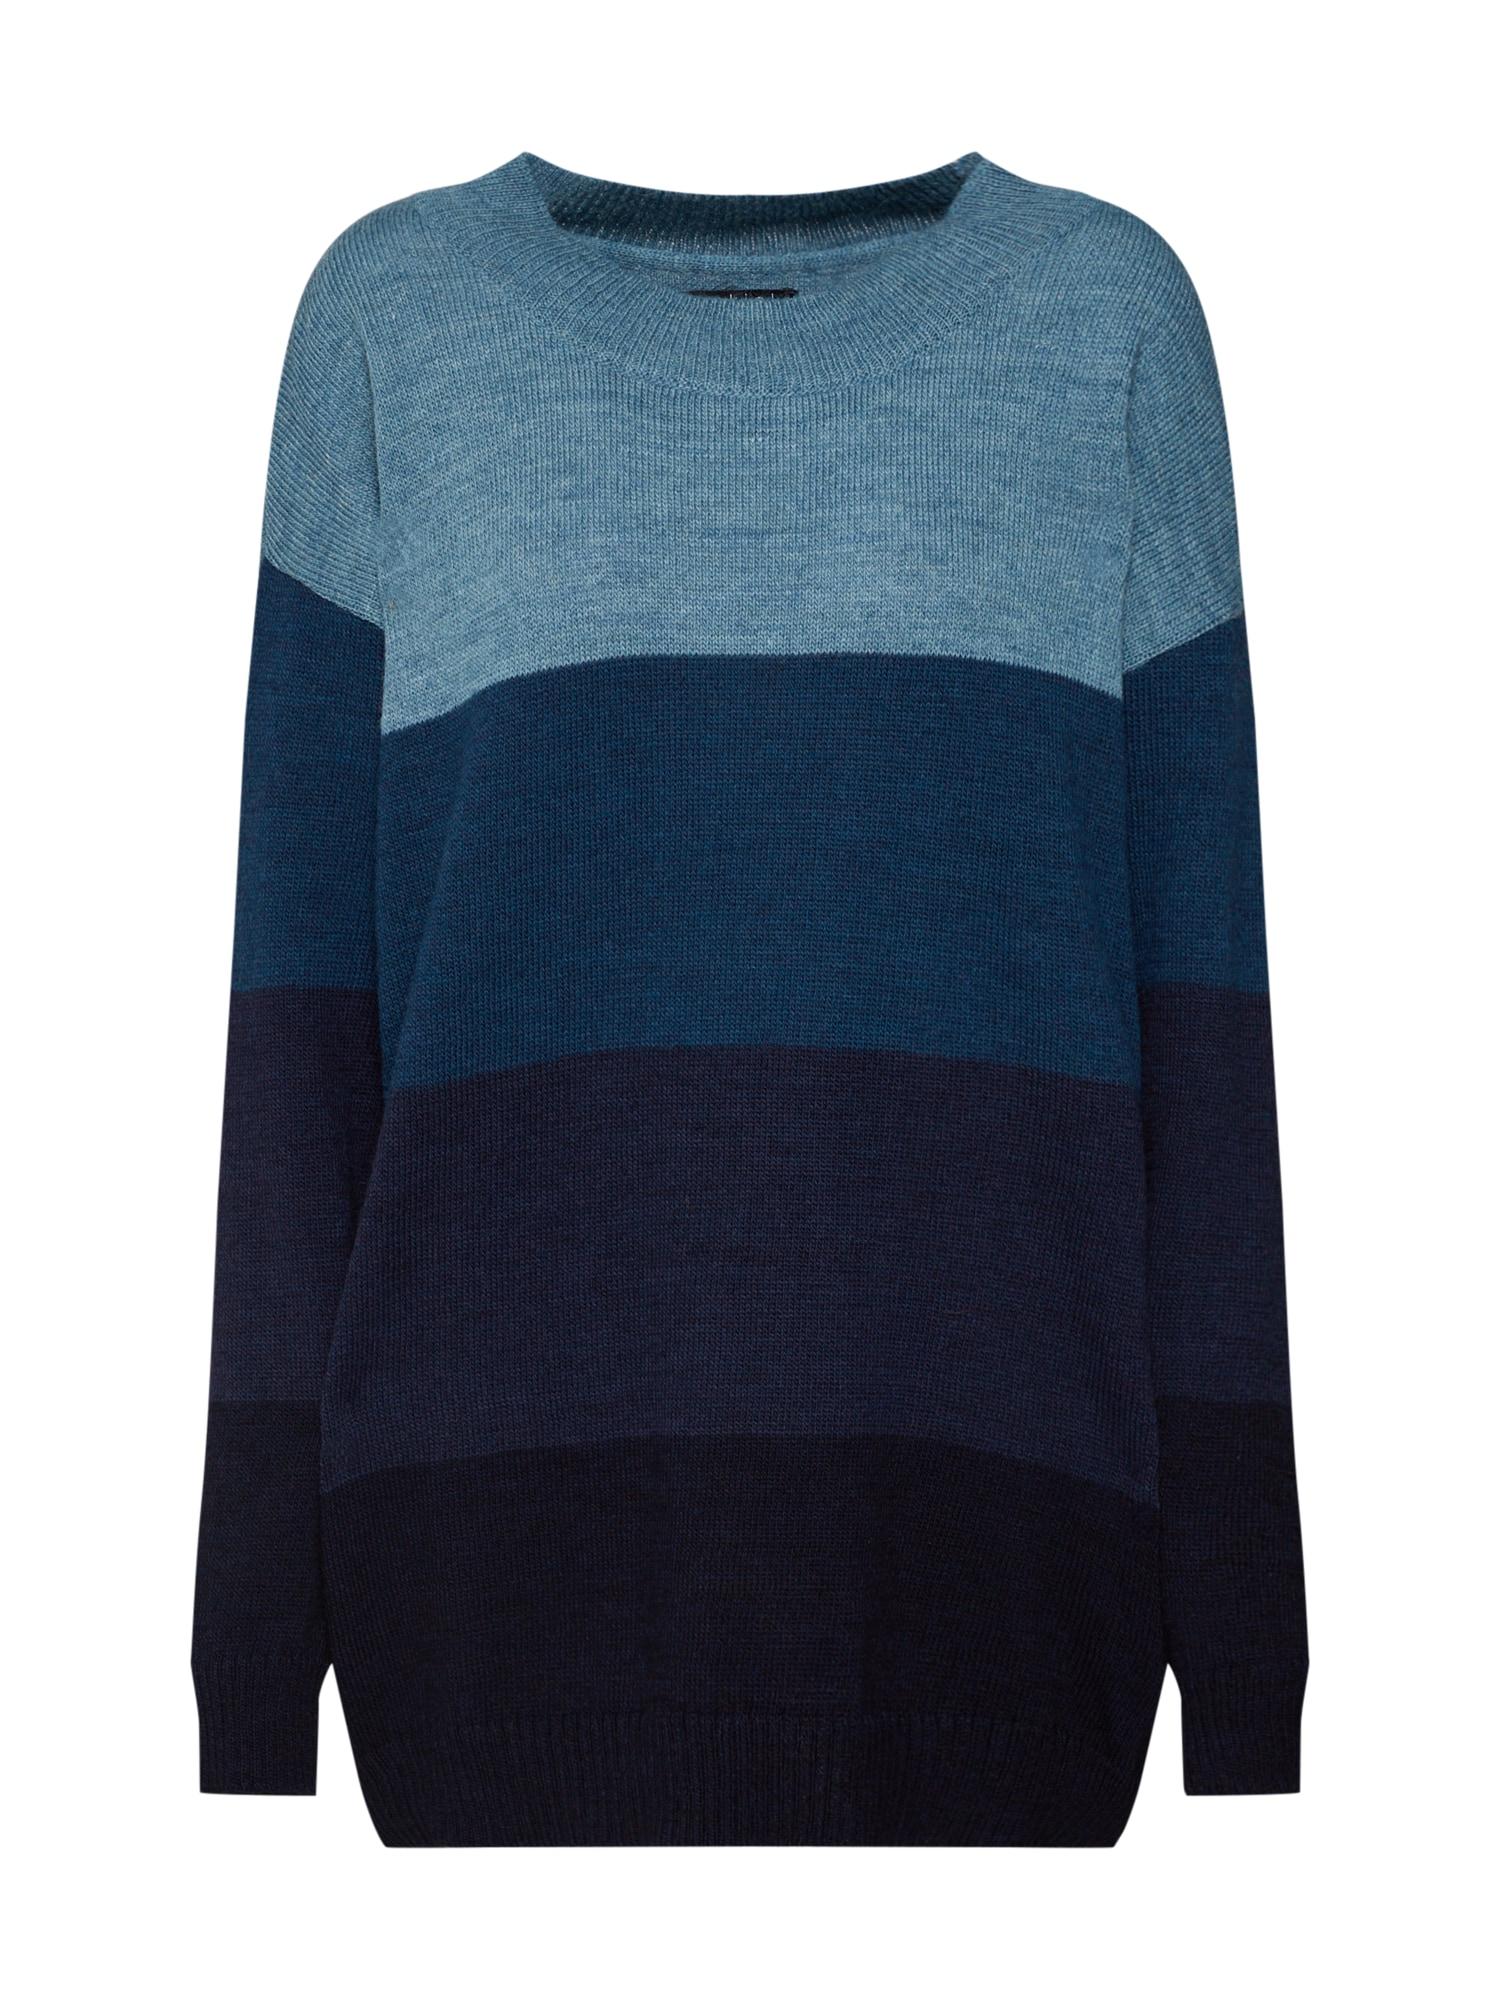 Maxi svetr Harmony Oversize Knit Sweater modrá námořnická modř Ezekiel